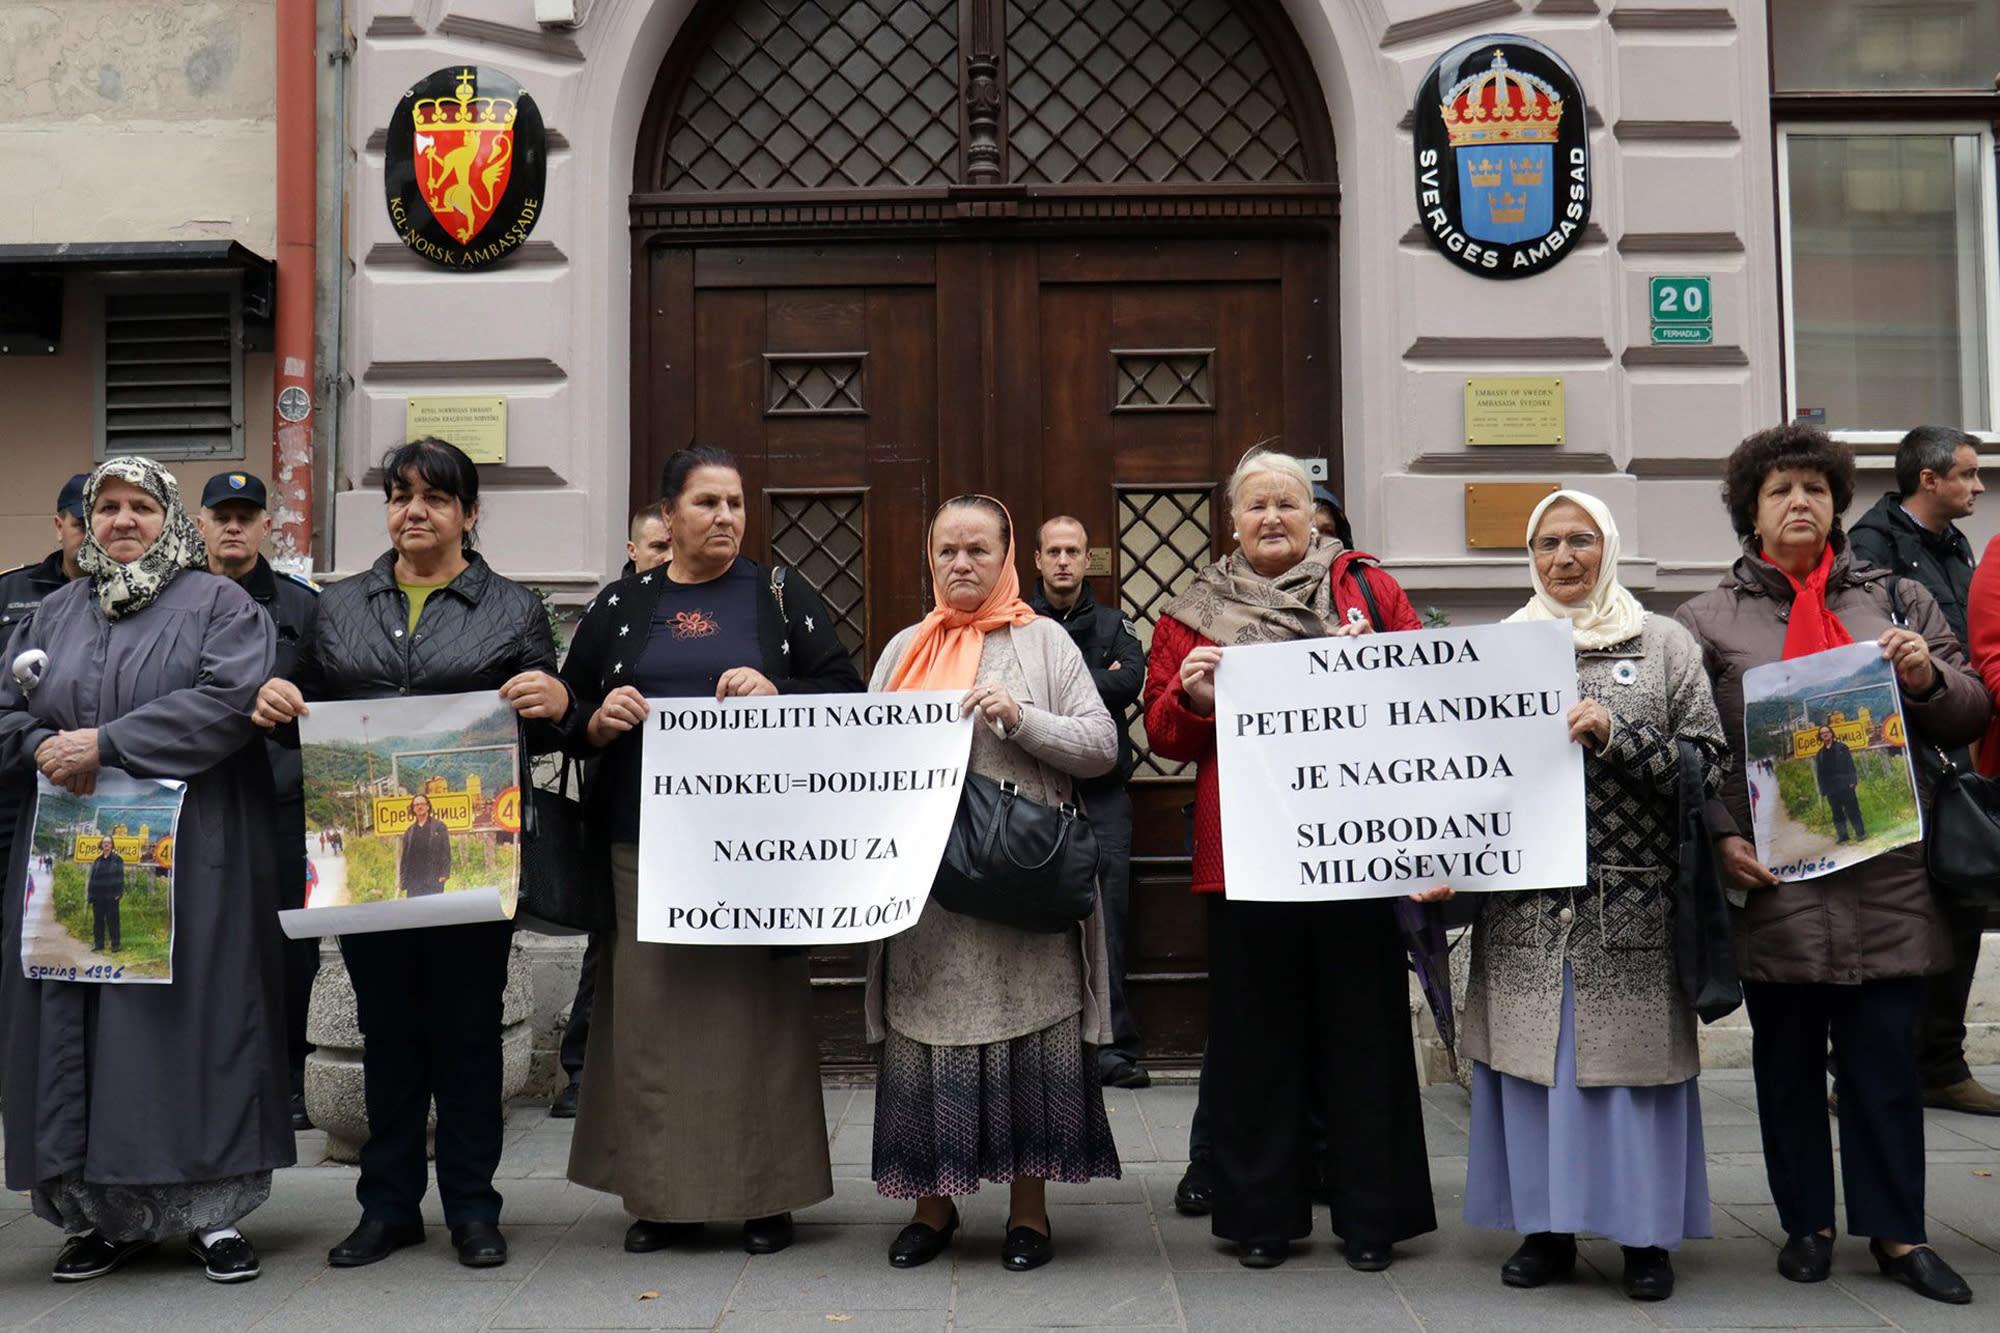 Bosnian war survivors protest Peter Handke's Nobel prize win 0f5c88b3104aadab0611f1bb4ed48a6e